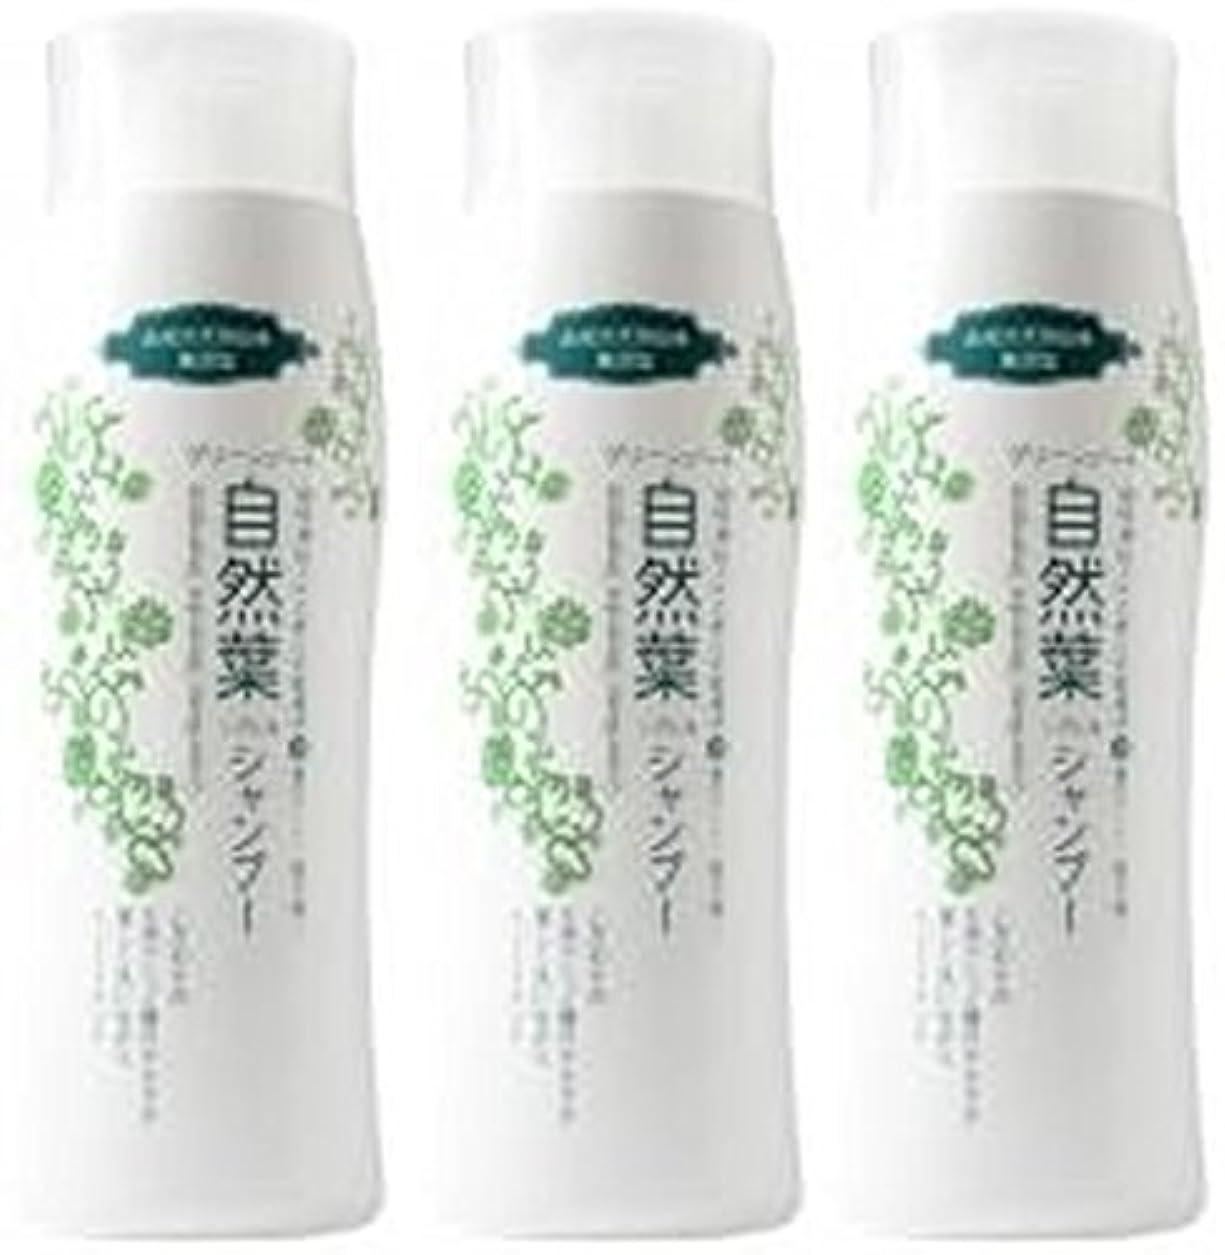 繁栄するレイアウトのりグリーンノート 18種天然アミノ酸 自然葉シャンプー 300ml   3本セット